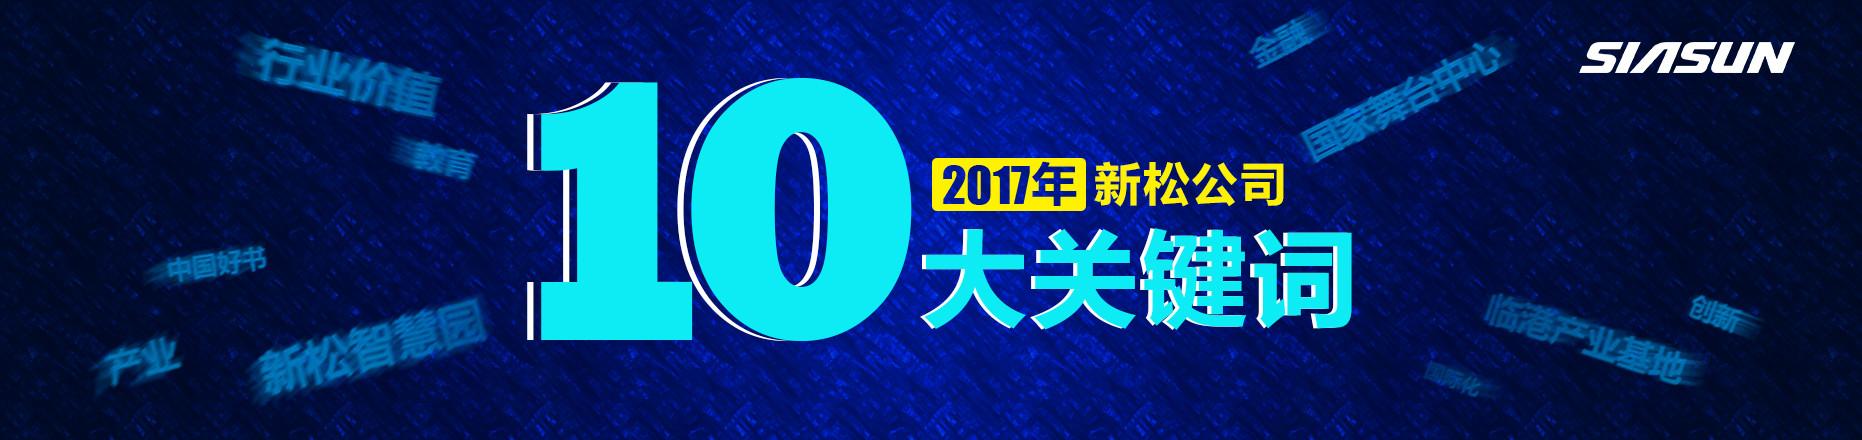 2017年新松公司十大关键词